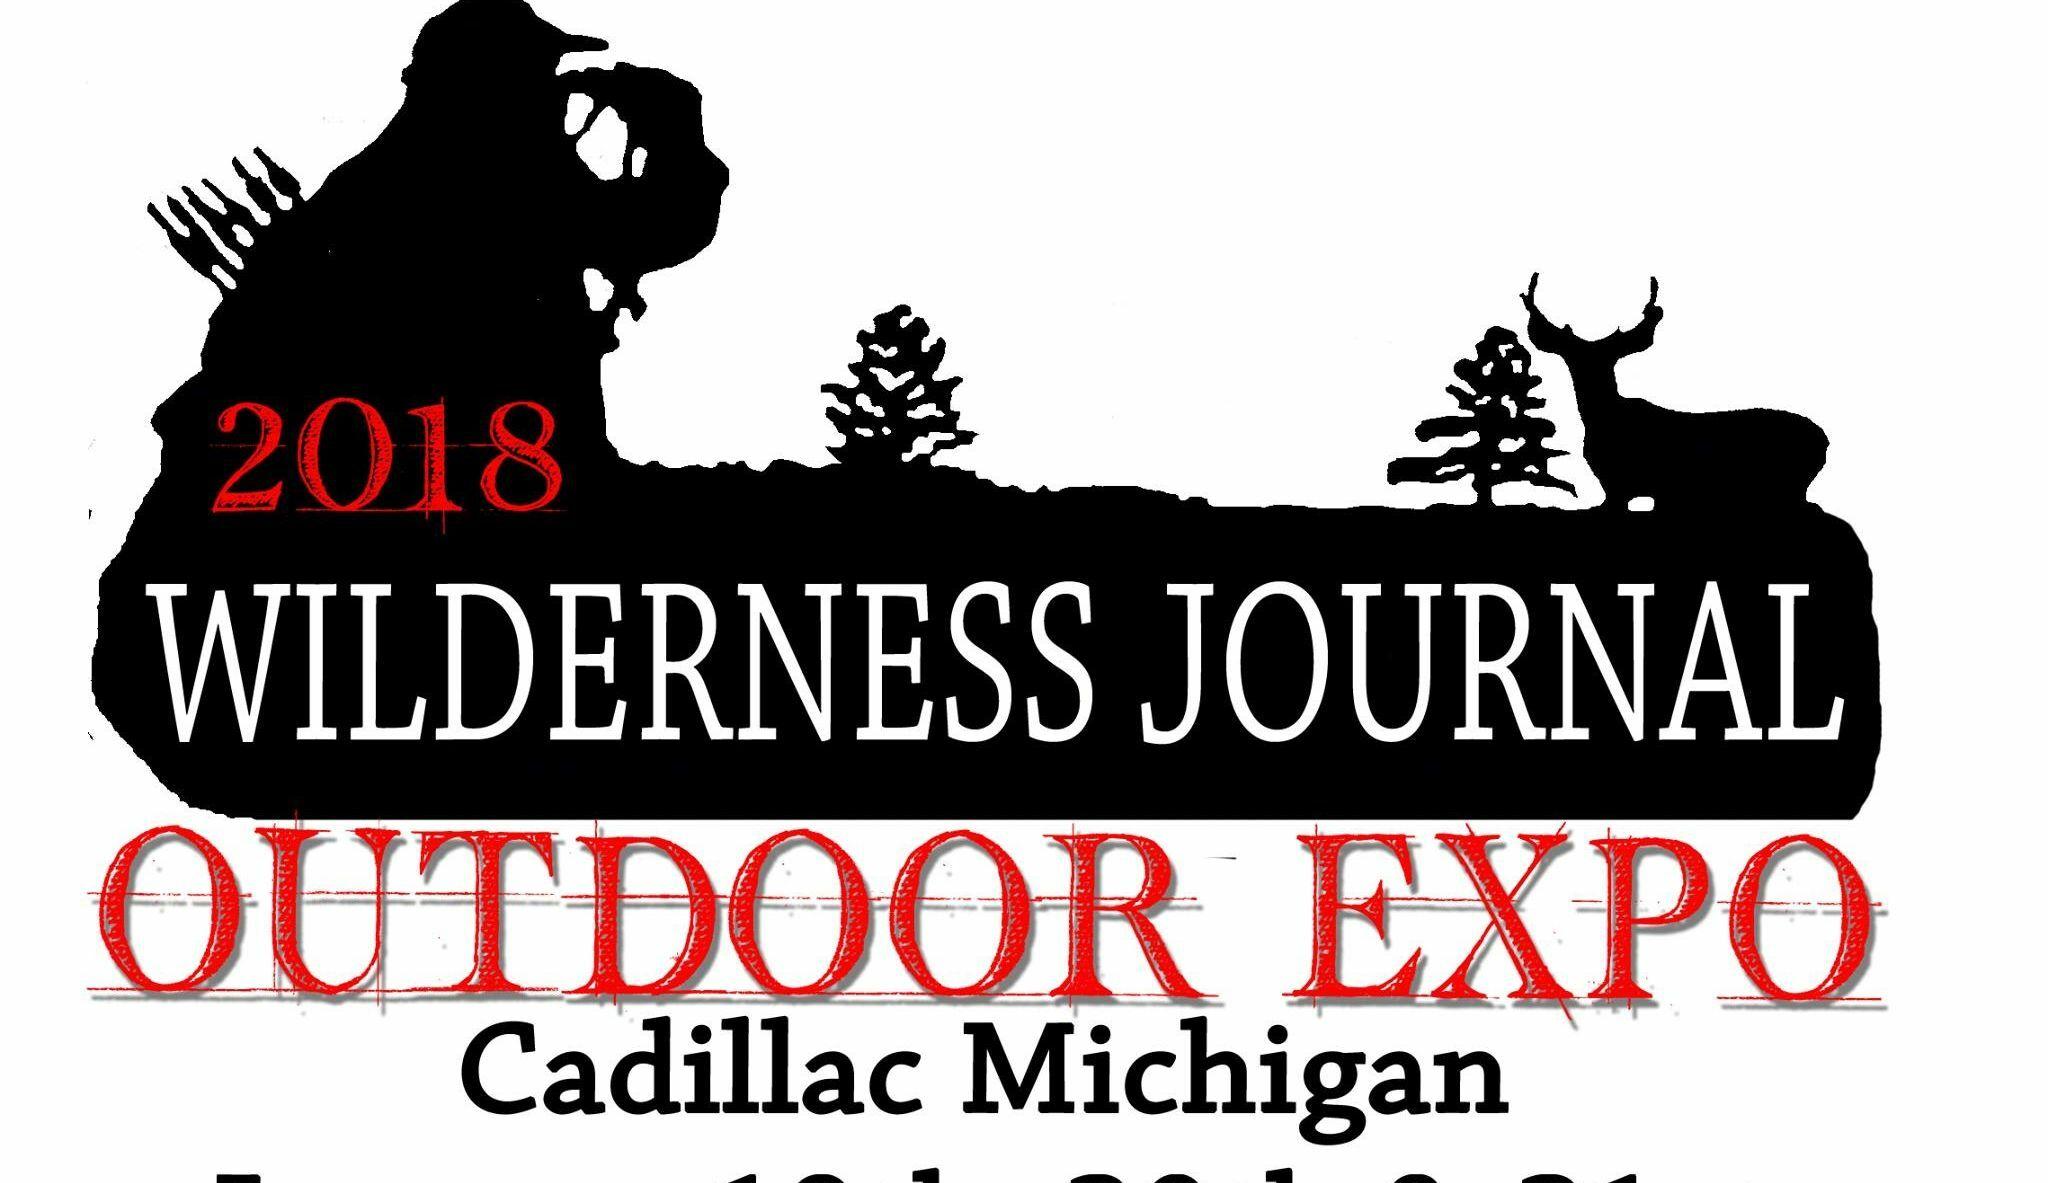 Wilderness Journal Outdoor Expo